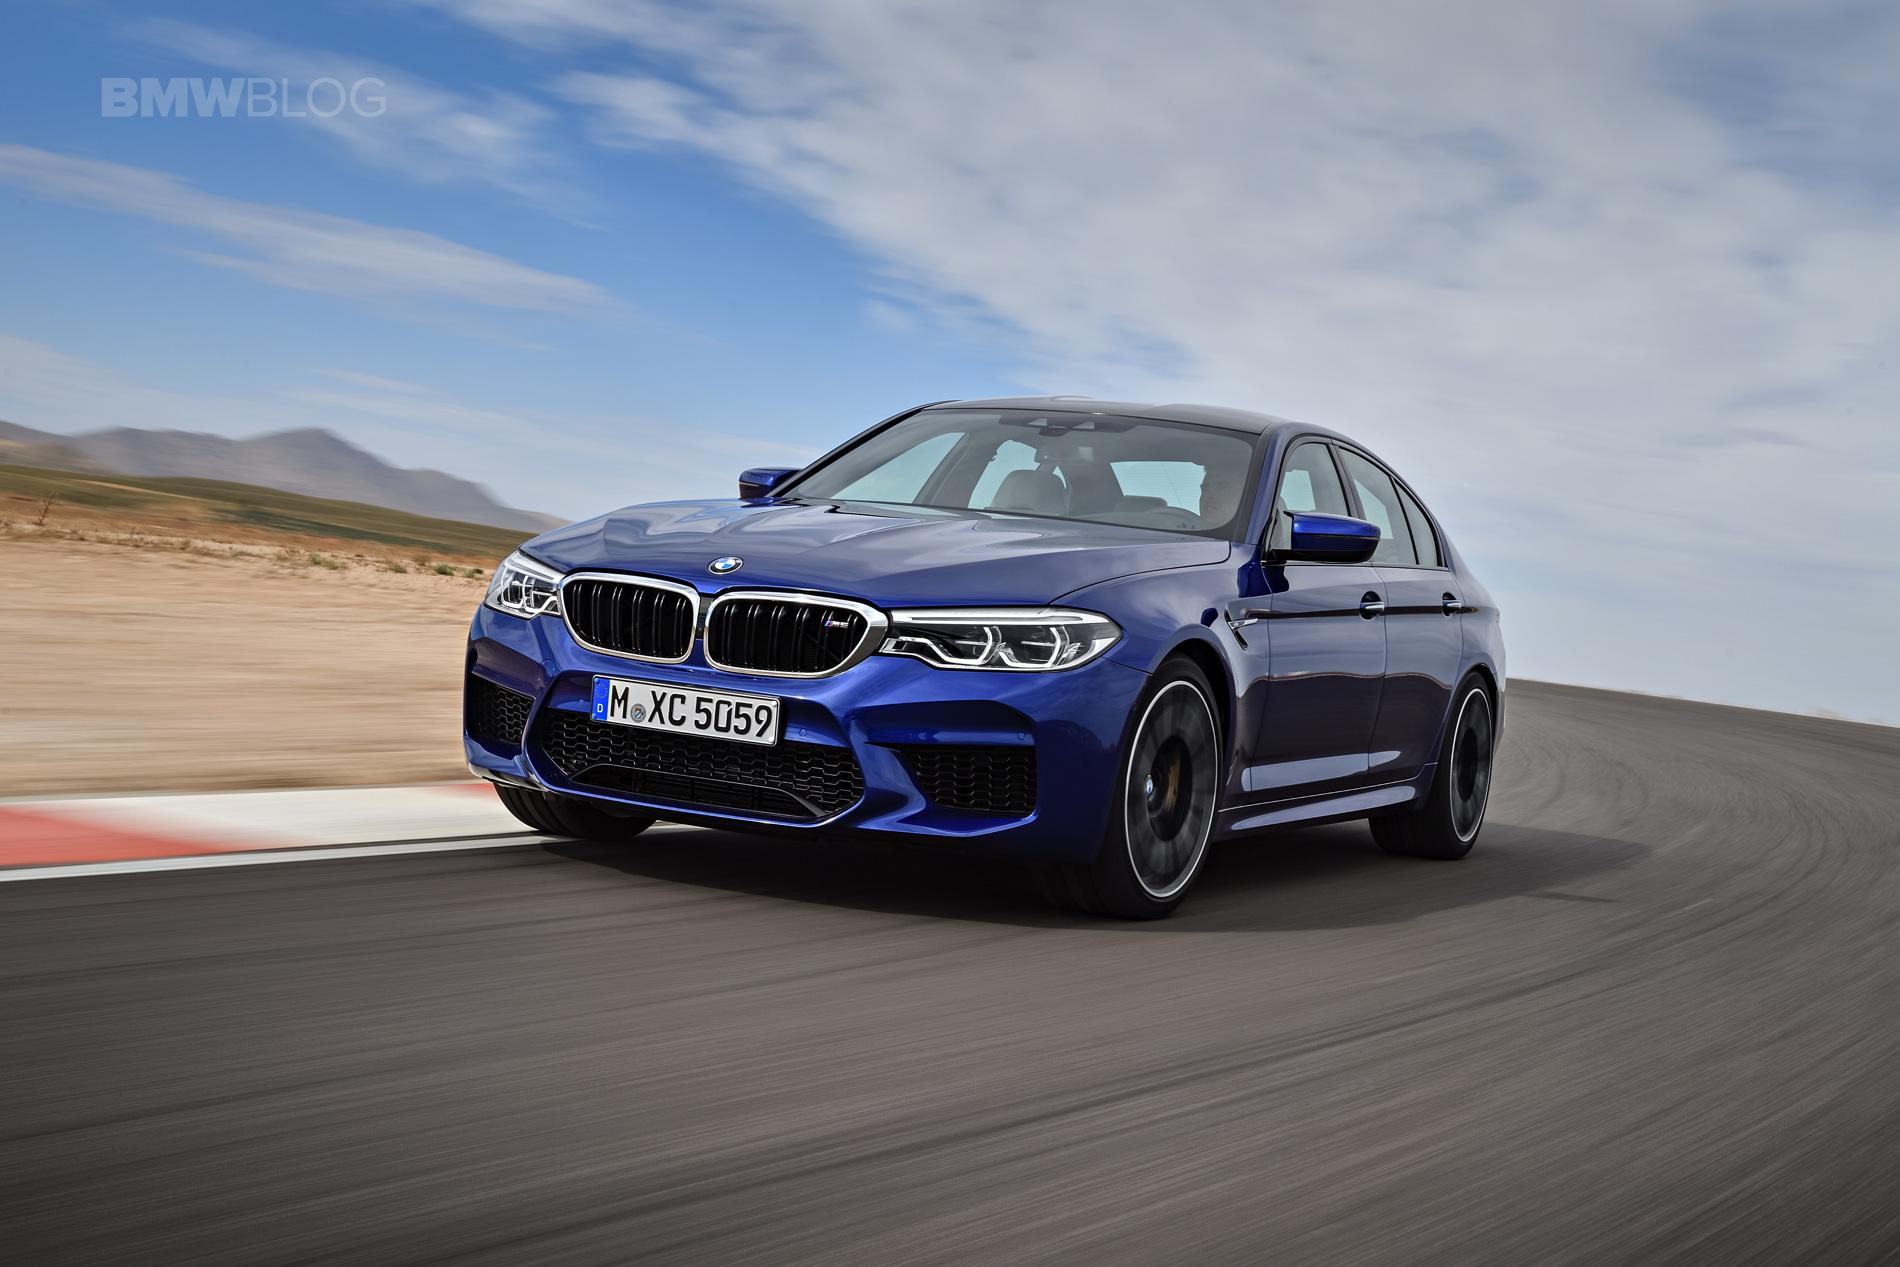 2018 BMW M5 exterior 06